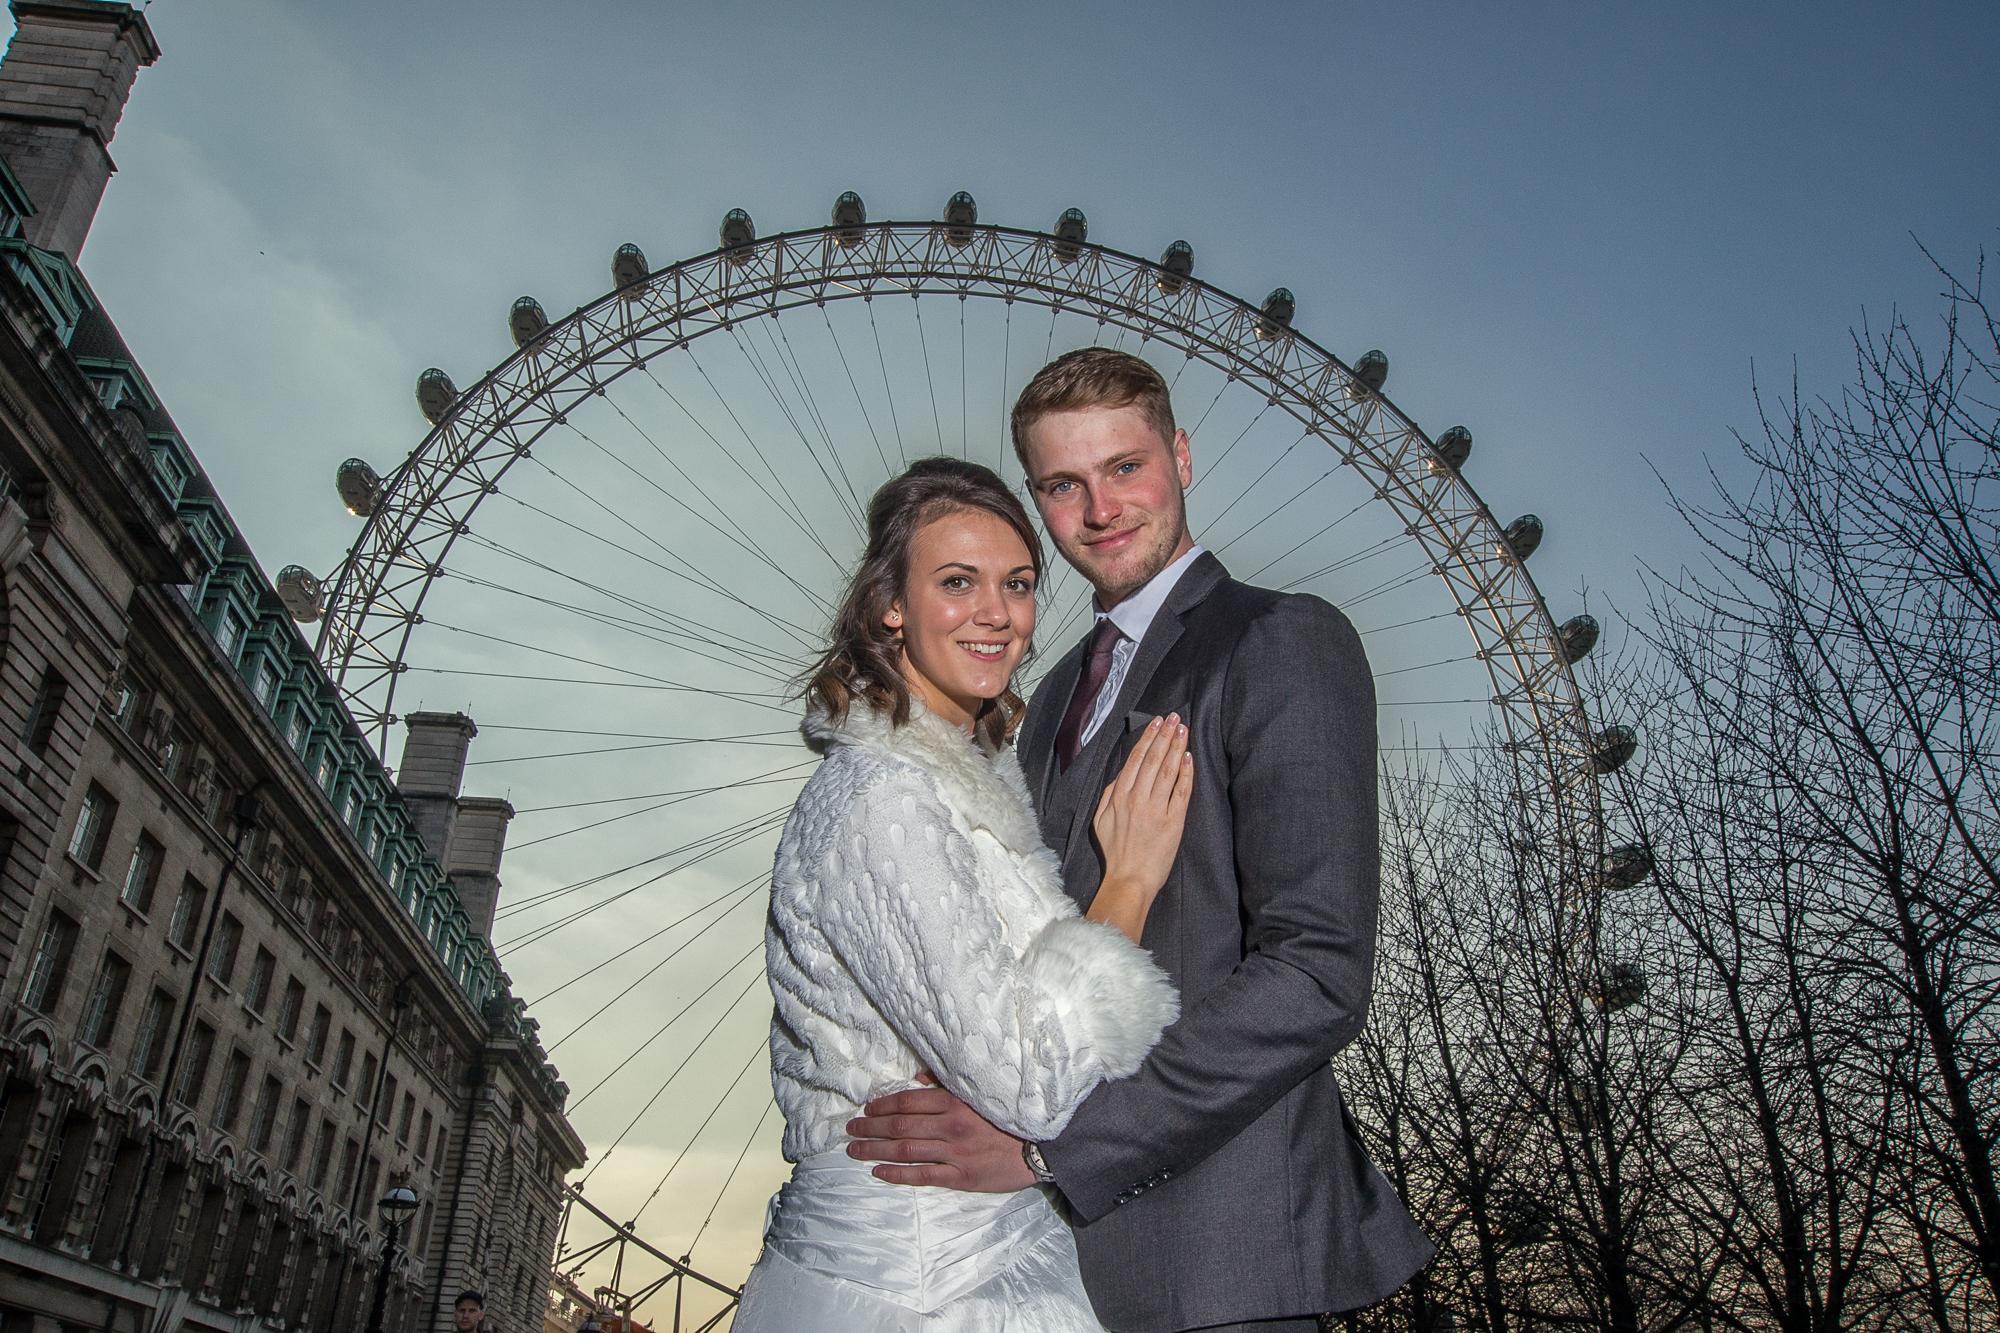 wedding london-1.jpg